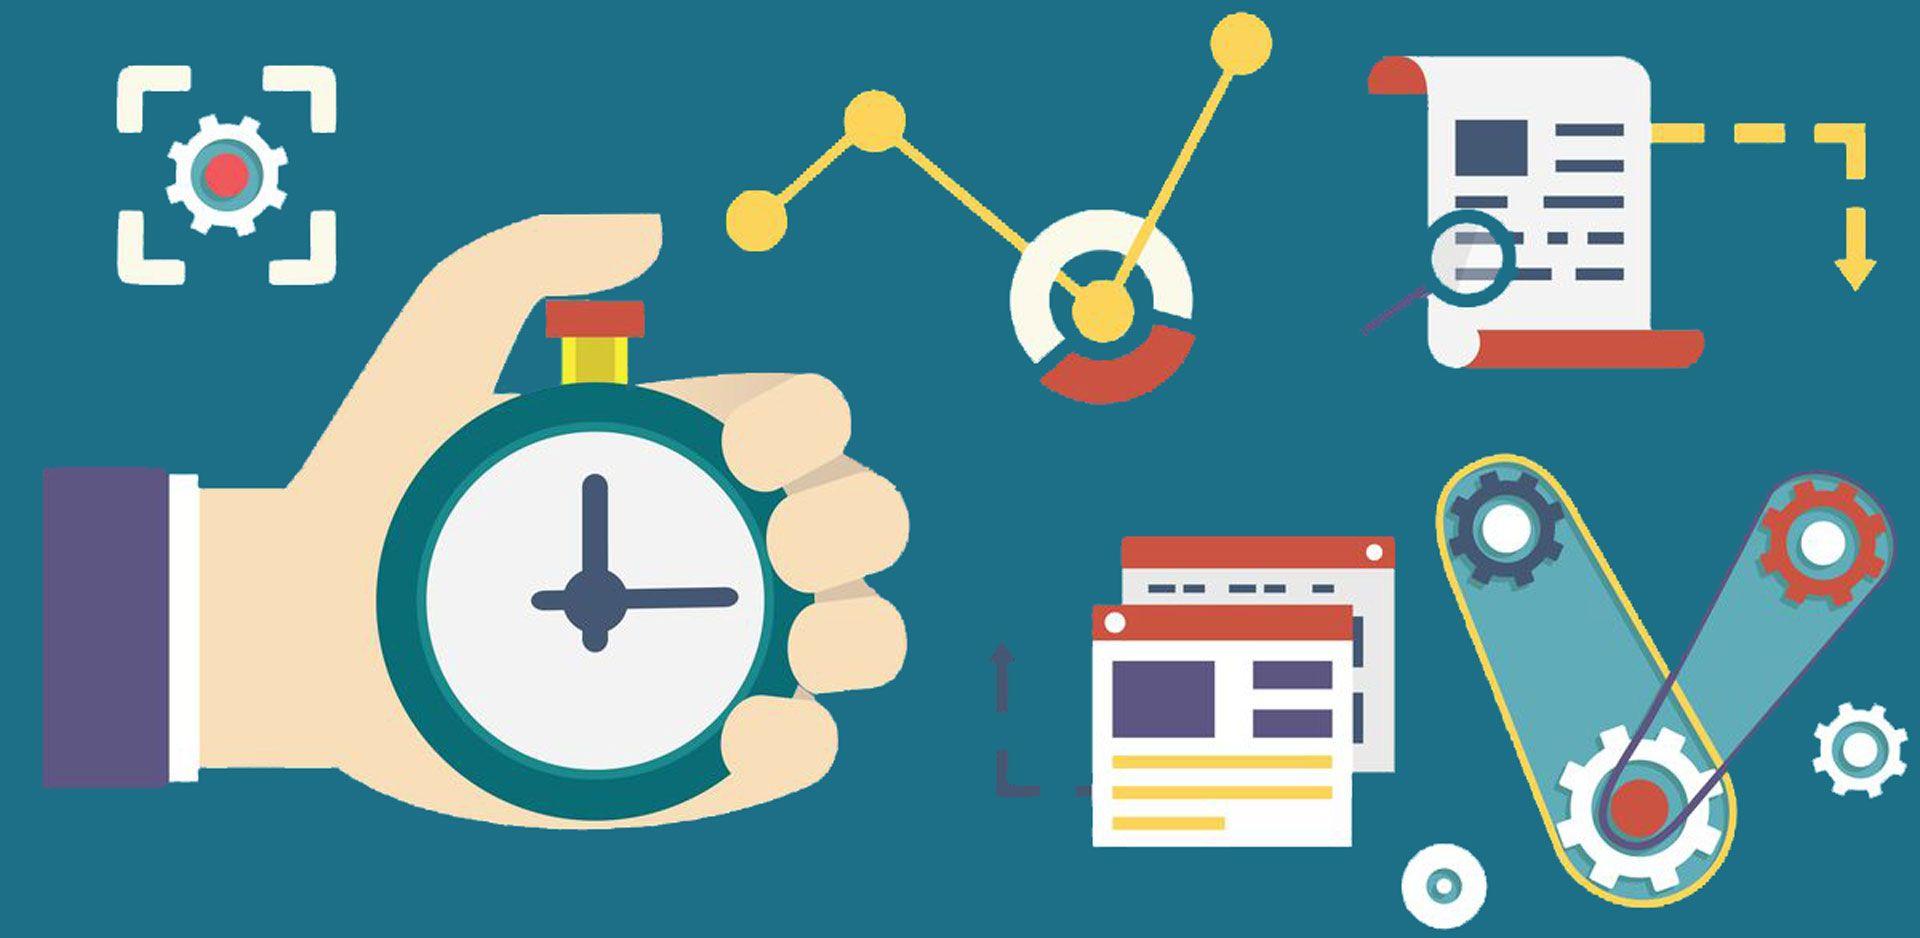 Épinglé par SMT Consulting sur d'audit et conseil